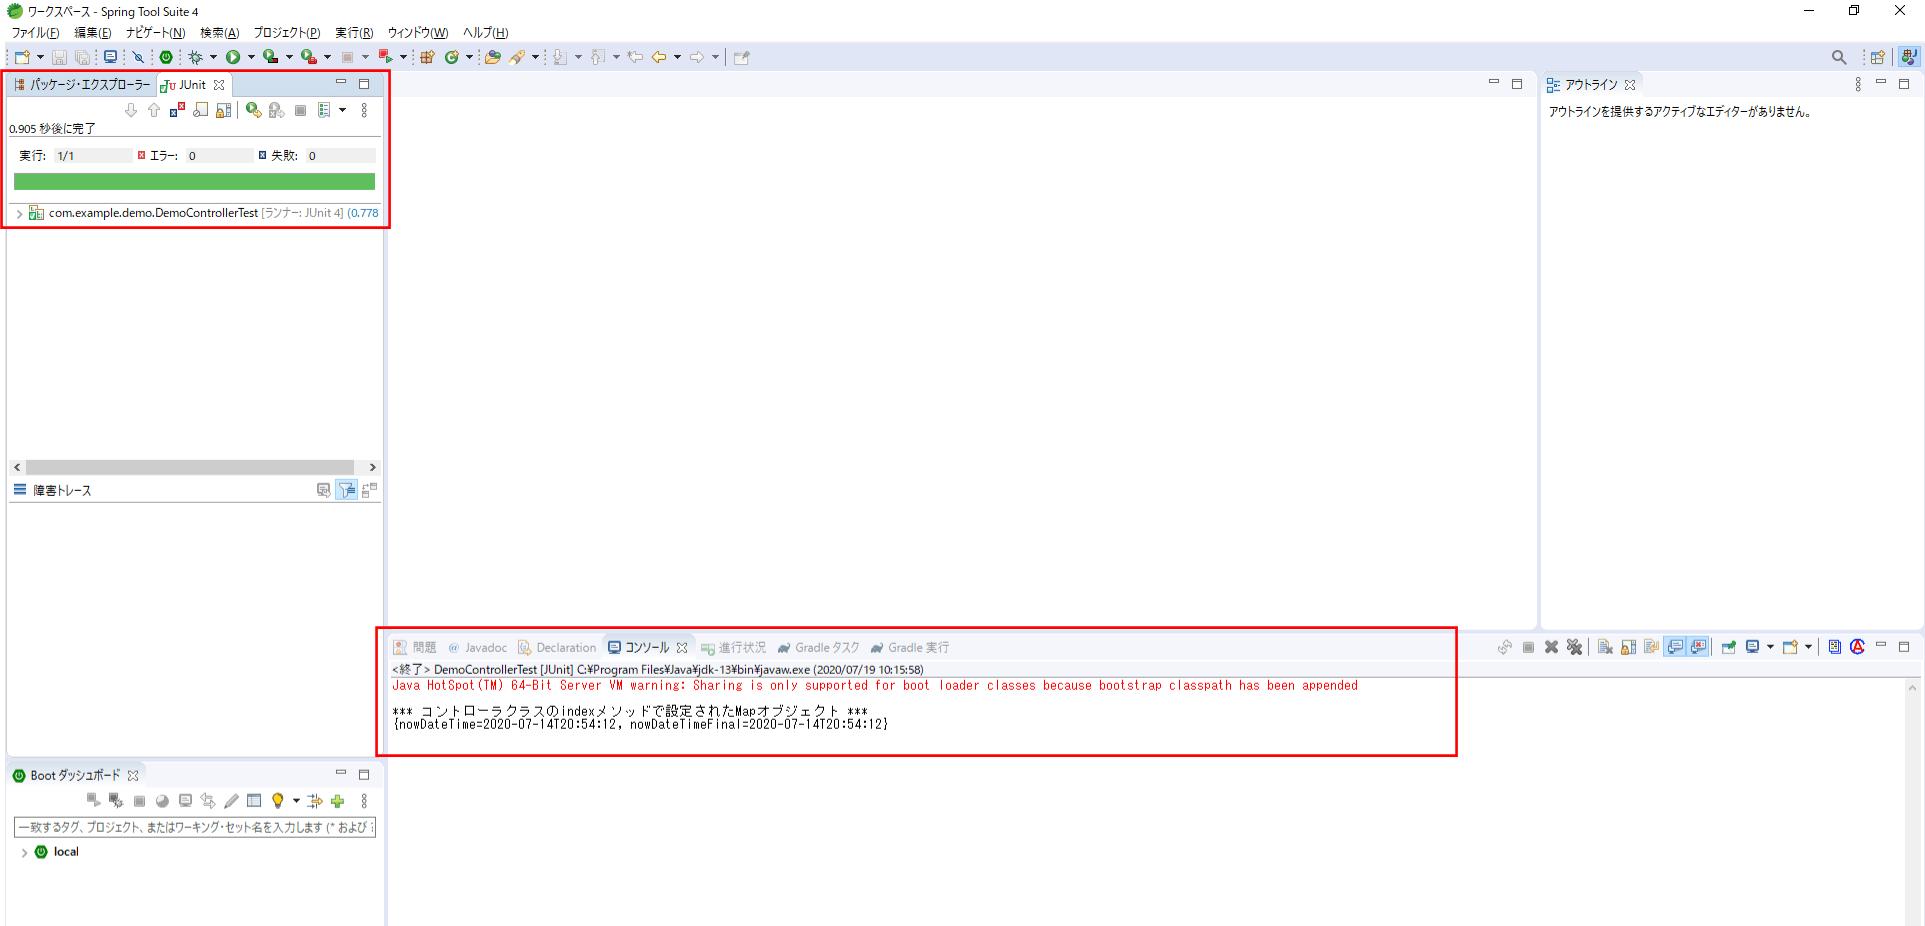 テストカバレッジ結果の測定_3